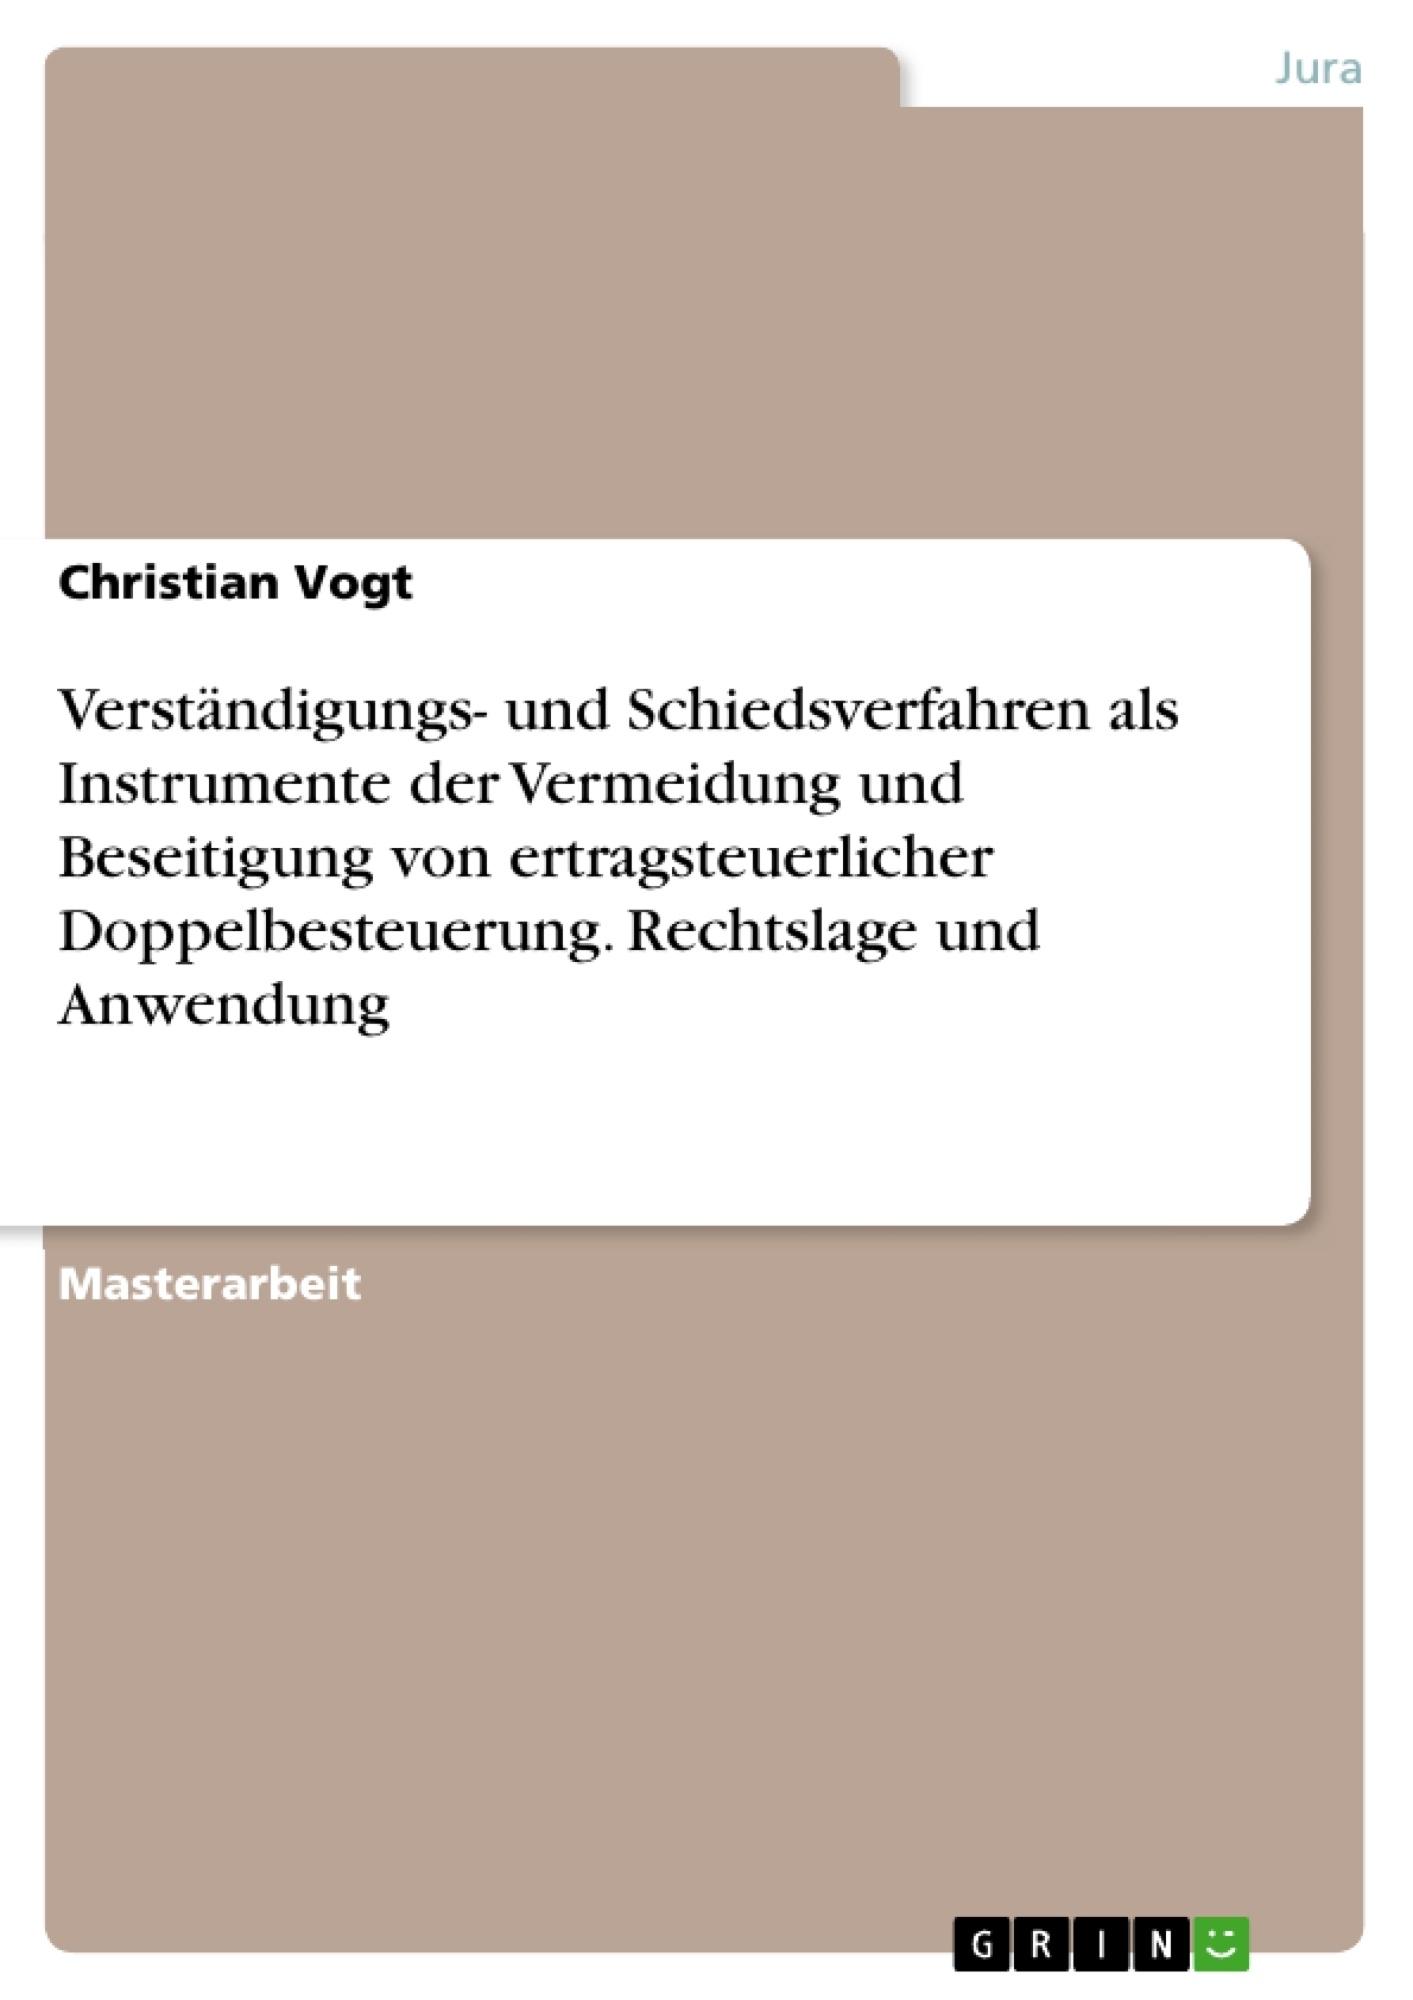 Titel: Verständigungs- und Schiedsverfahren als Instrumente der Vermeidung und Beseitigung von ertragsteuerlicher Doppelbesteuerung. Rechtslage und Anwendung